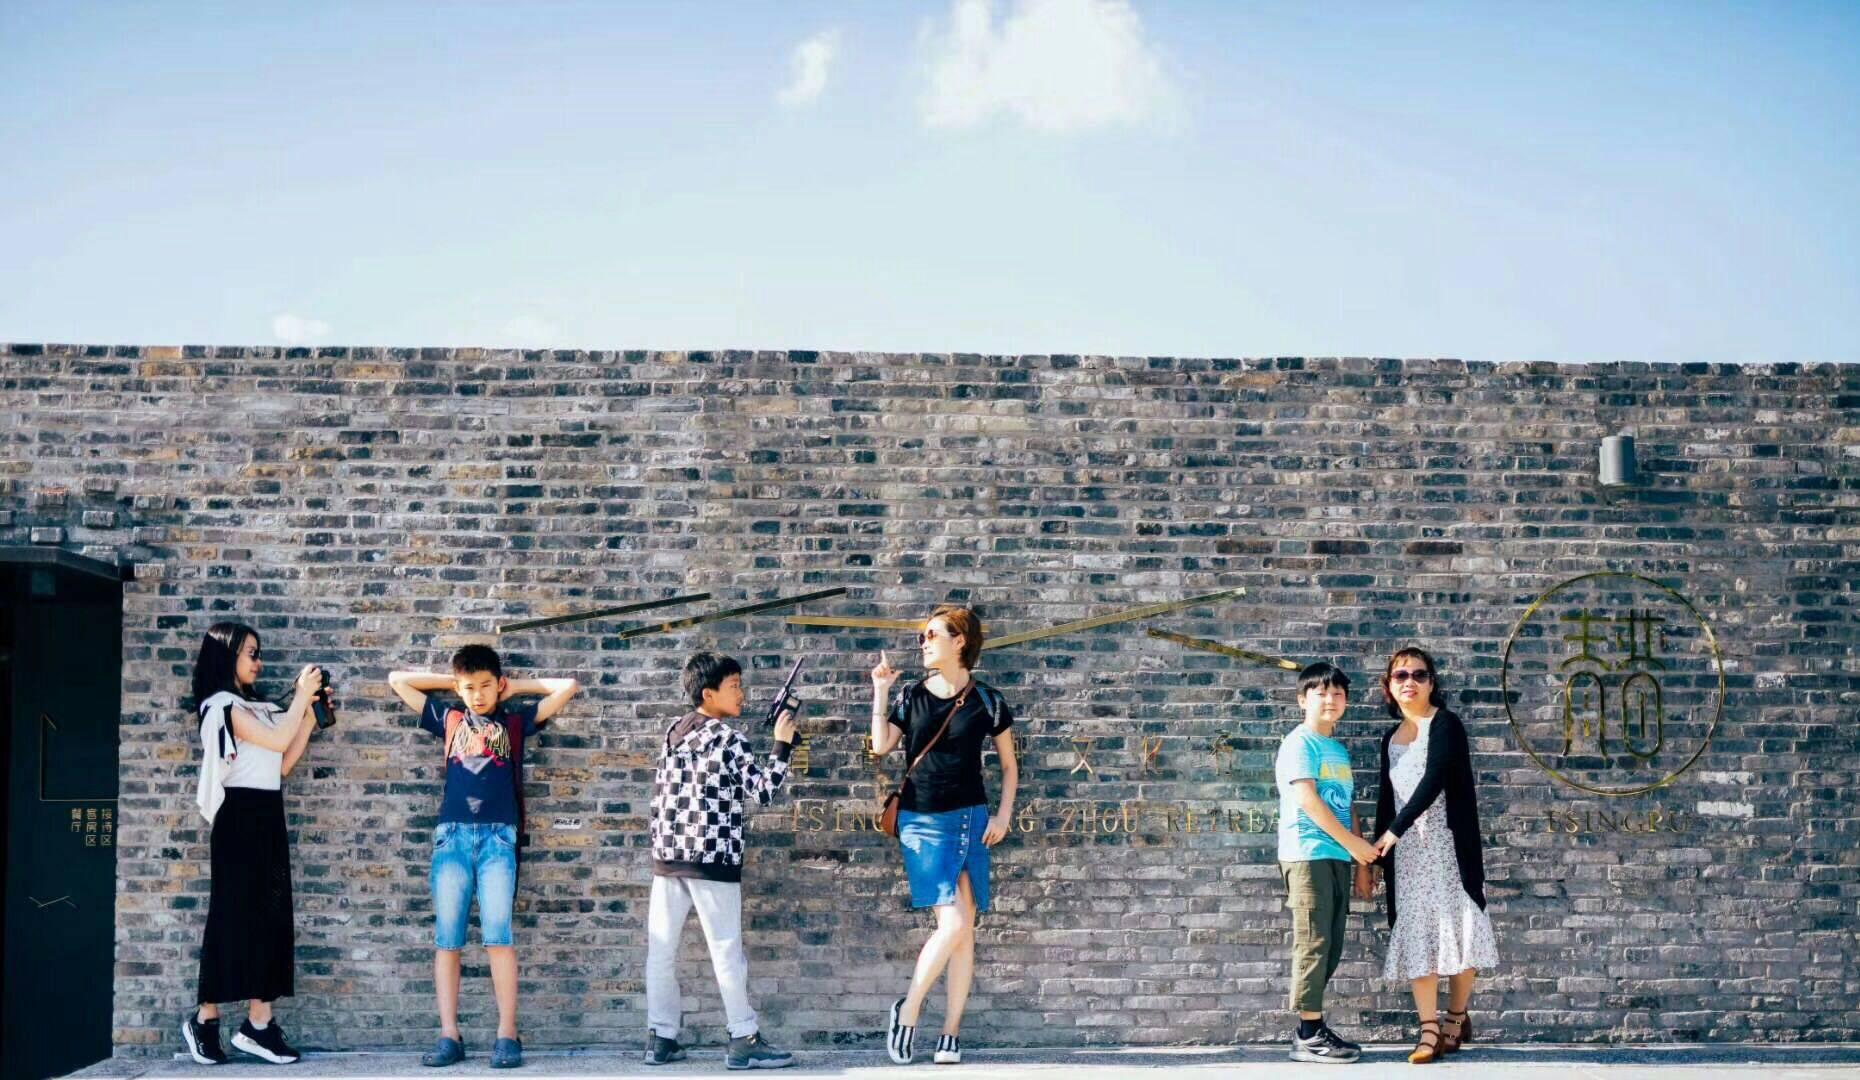 青普文化行馆·扬州瘦西湖 (120万块老砖交叠出最宜人居度假空间)